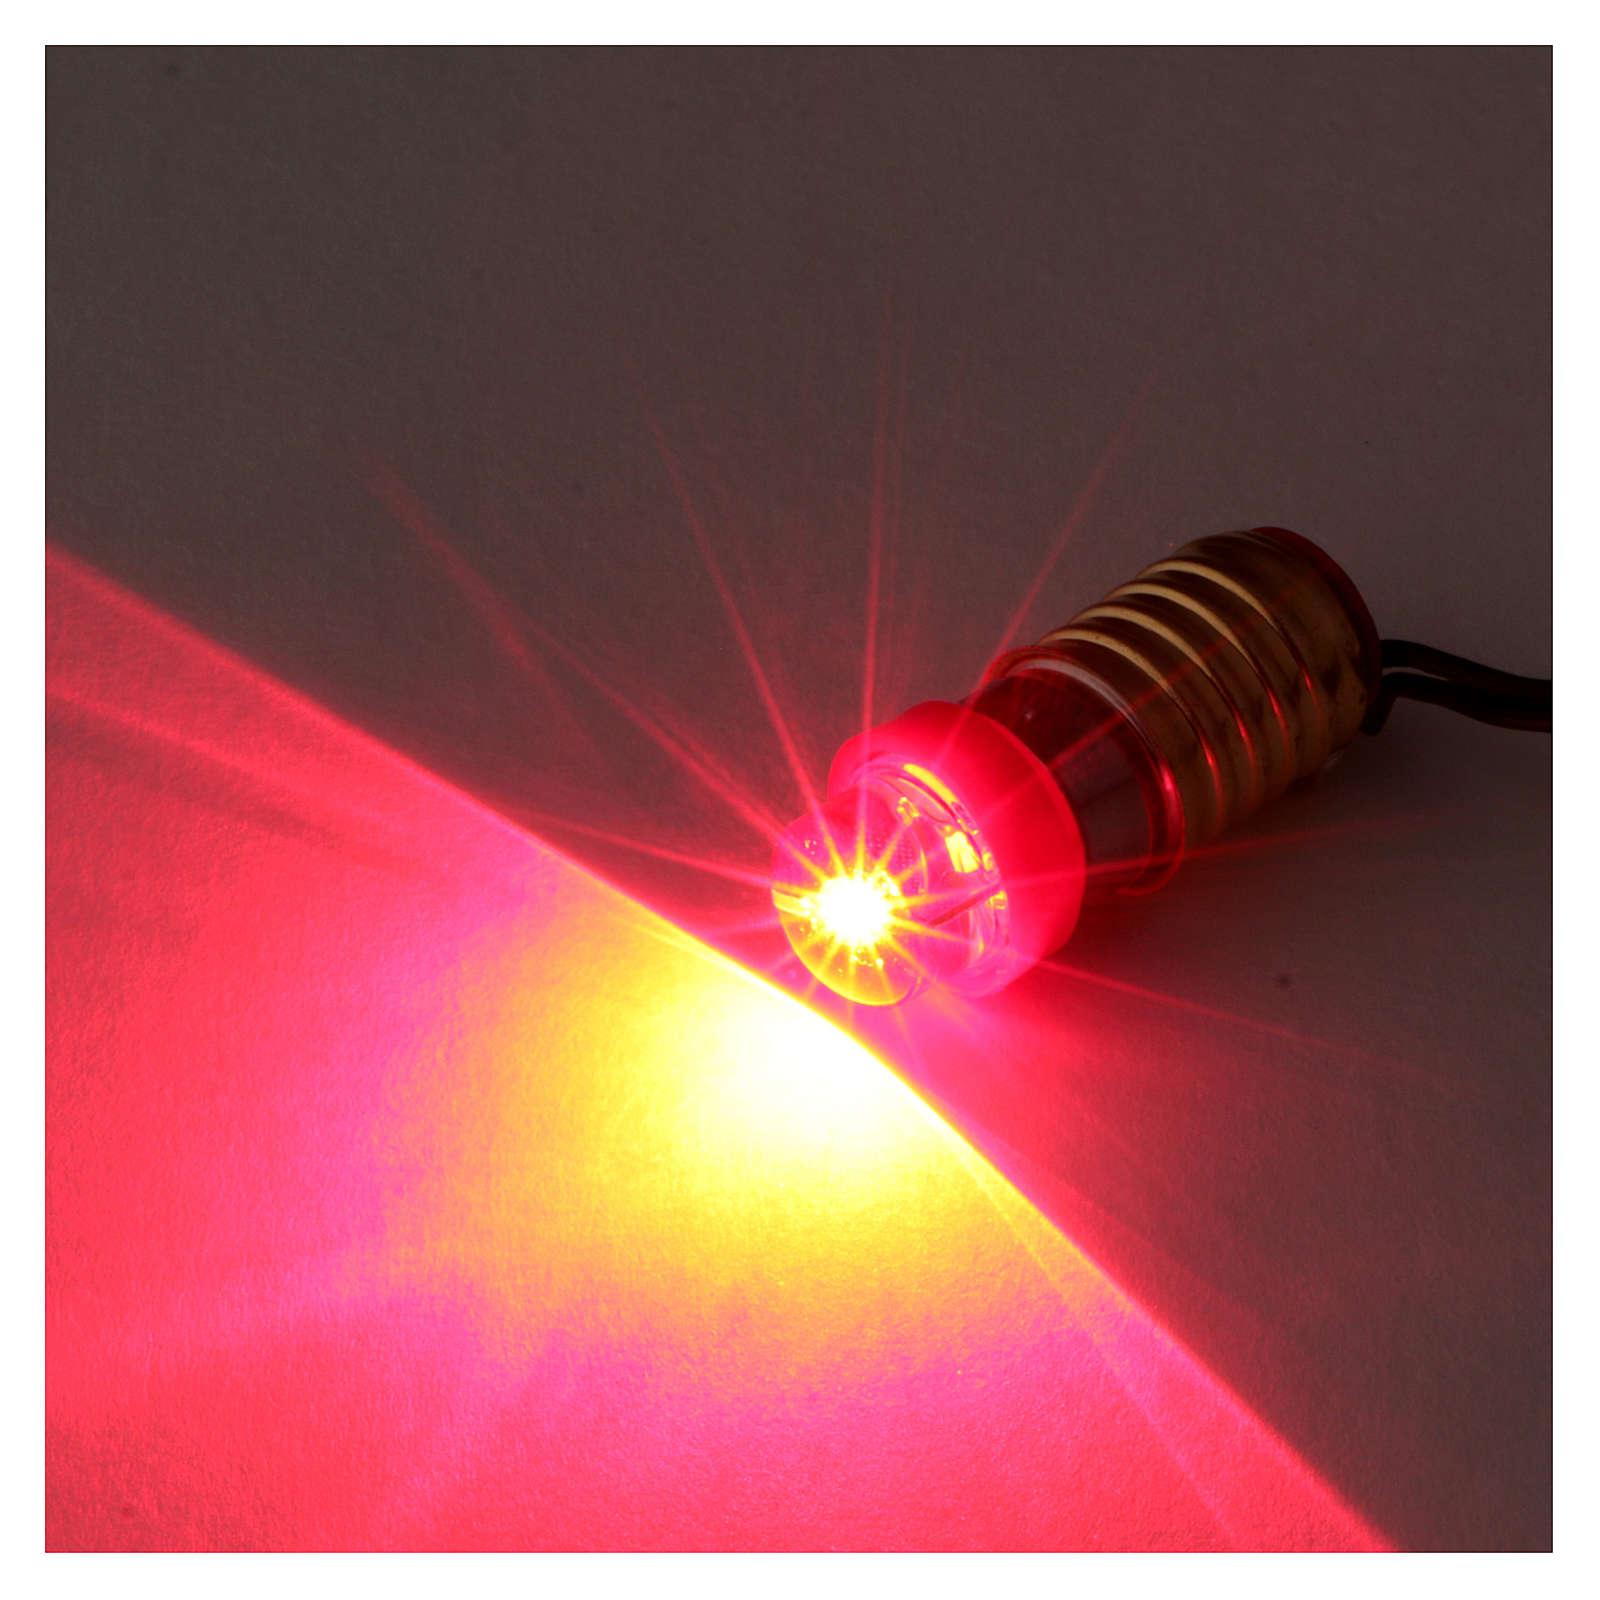 LED lâmpada vermelha com cabo de baixa tensão 4